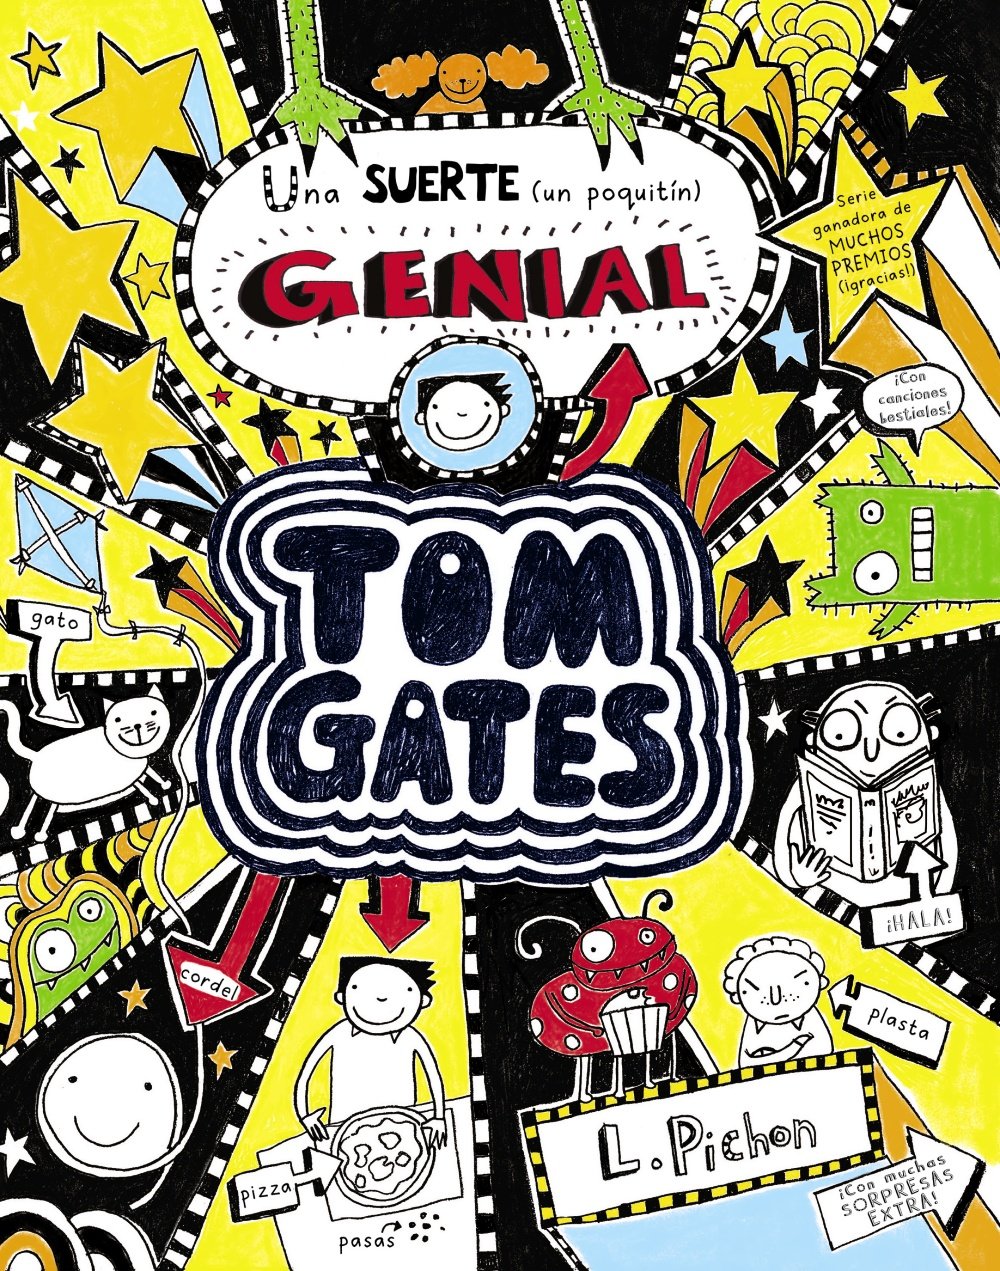 TOM GATES nº7 una suerte ( un poquitin) genial